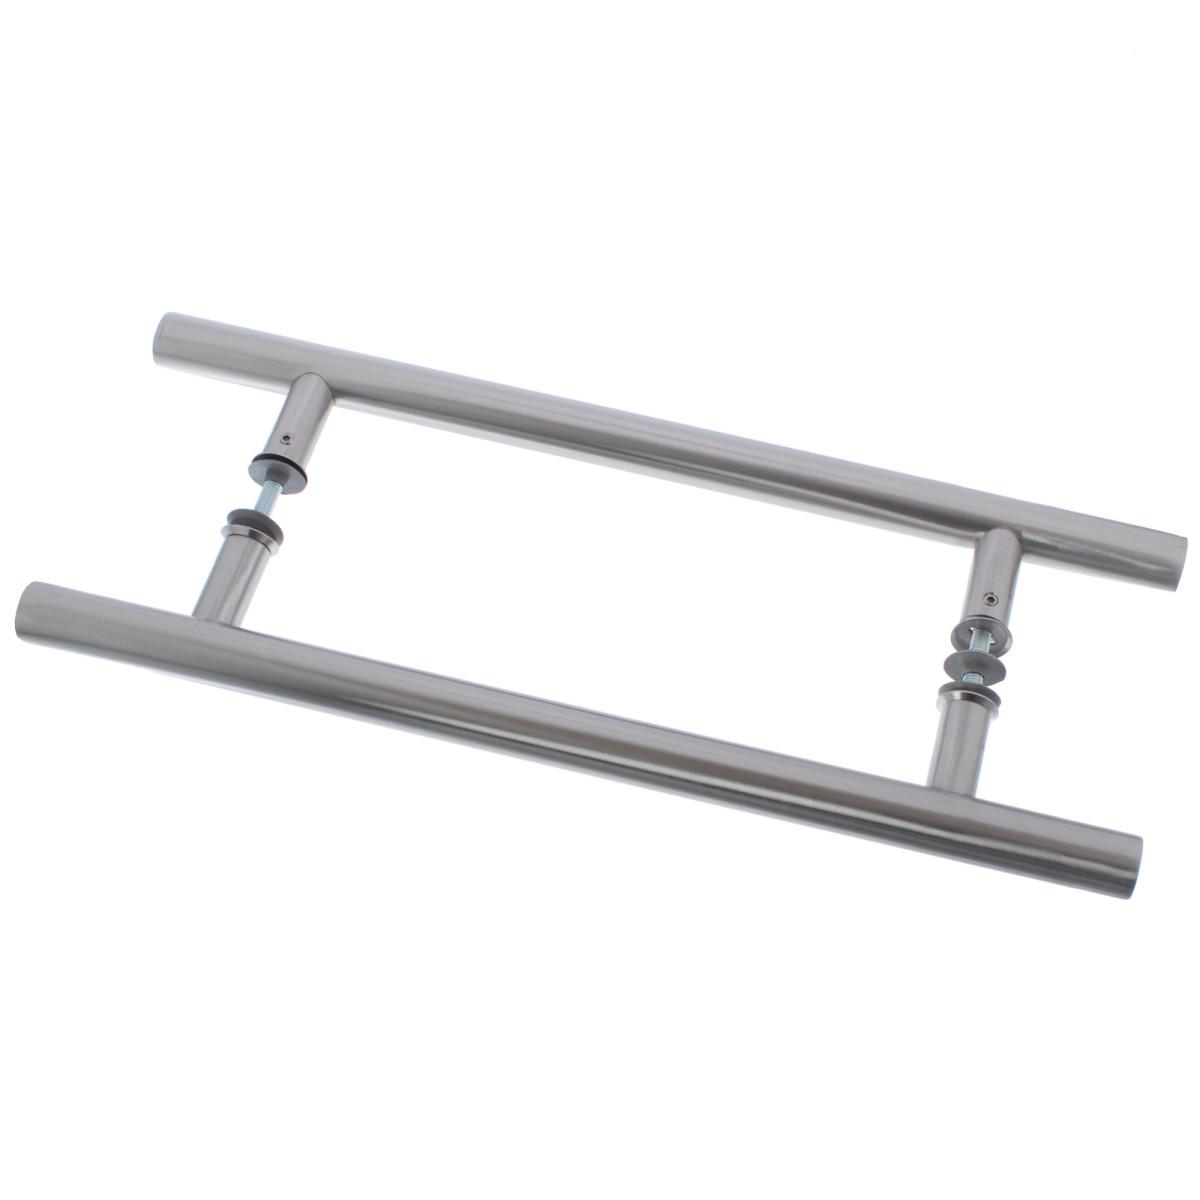 Ручка-Скоба Дверная Hc-1001-25/200 Цвет Белый